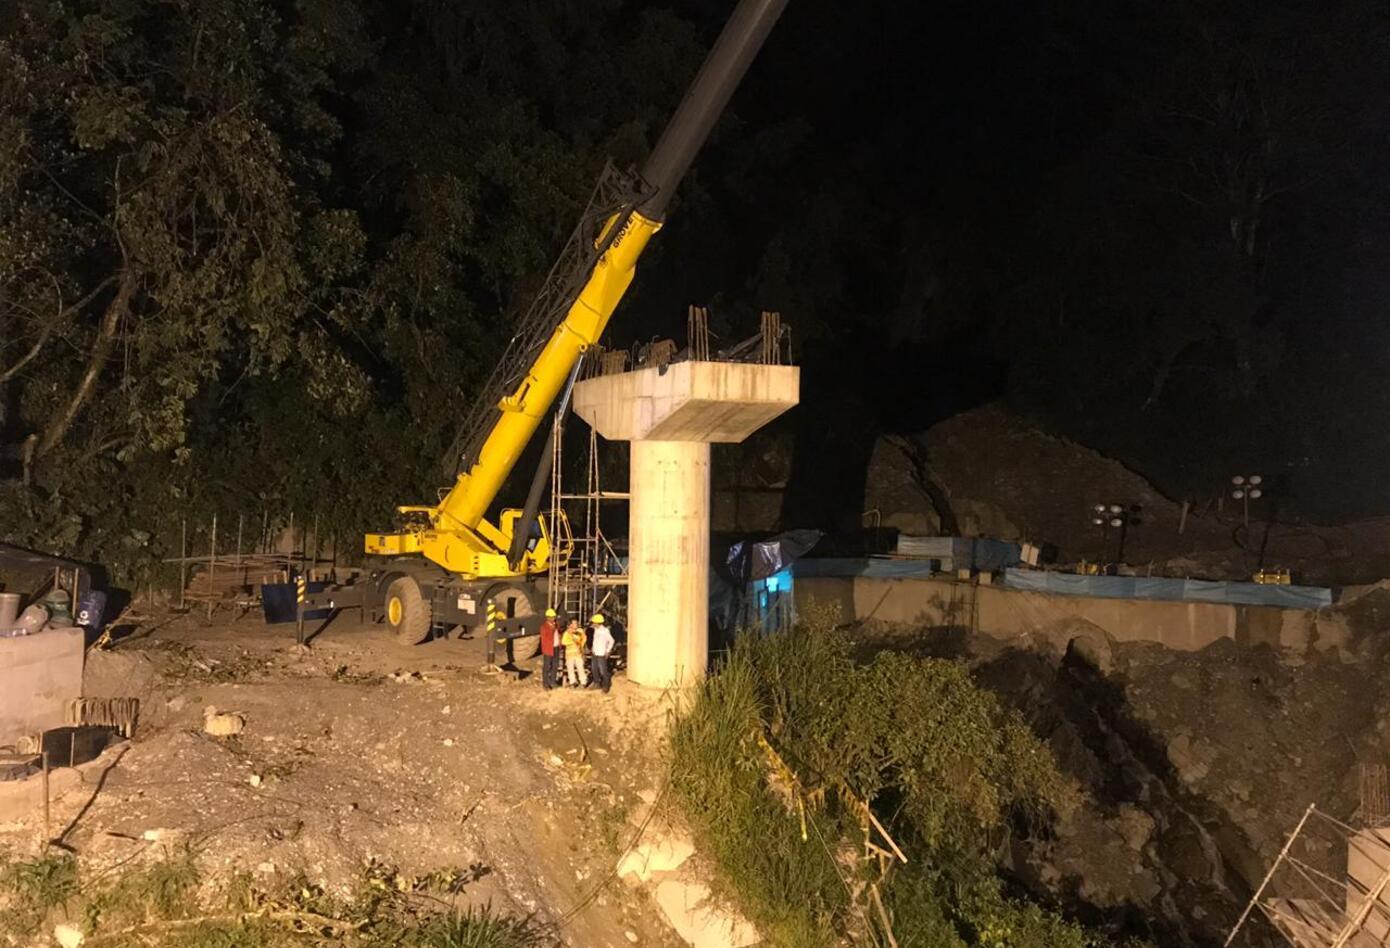 El desplome de una columna del Puente Pala, dejo 5 personas muertas.